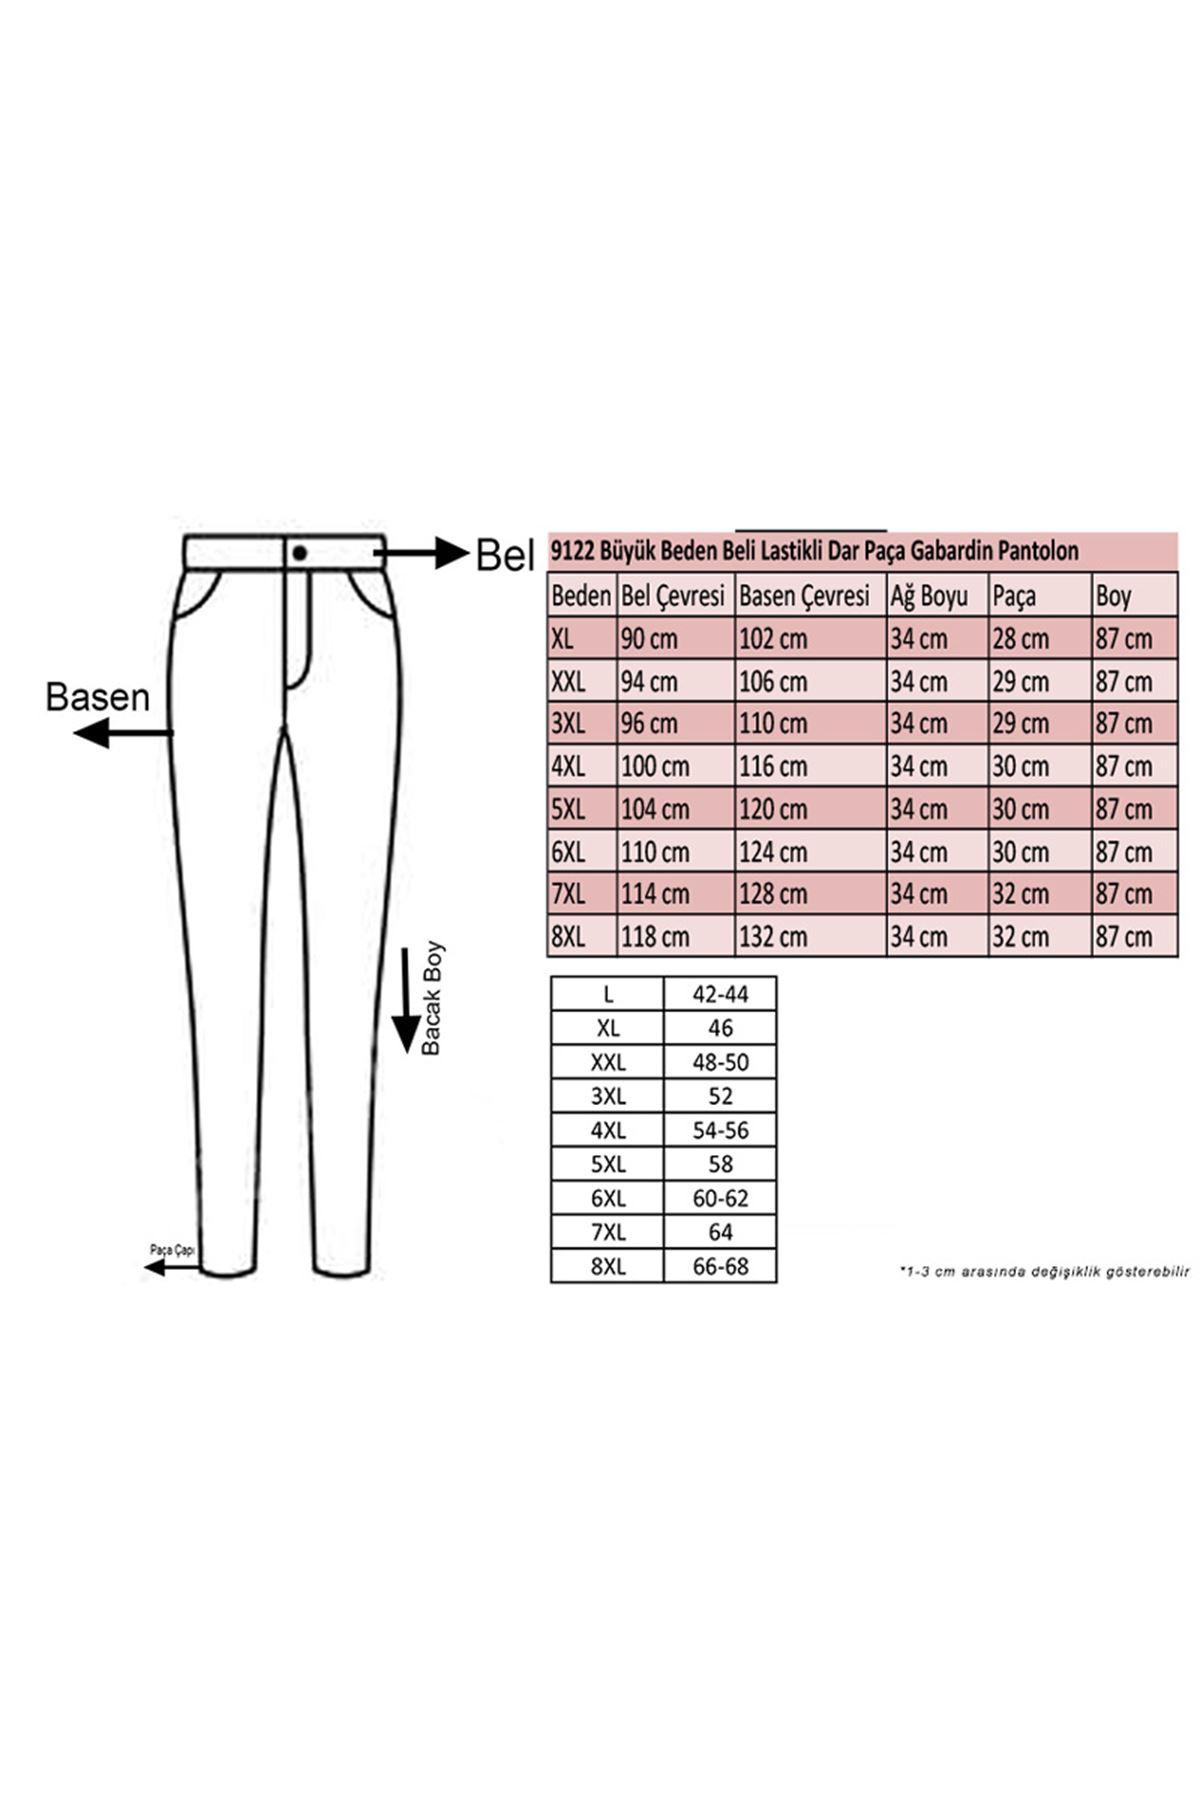 9122-1 Büyük Beden Beli Lastikli Dar Paça Gabardin Pantolon - Lacivert